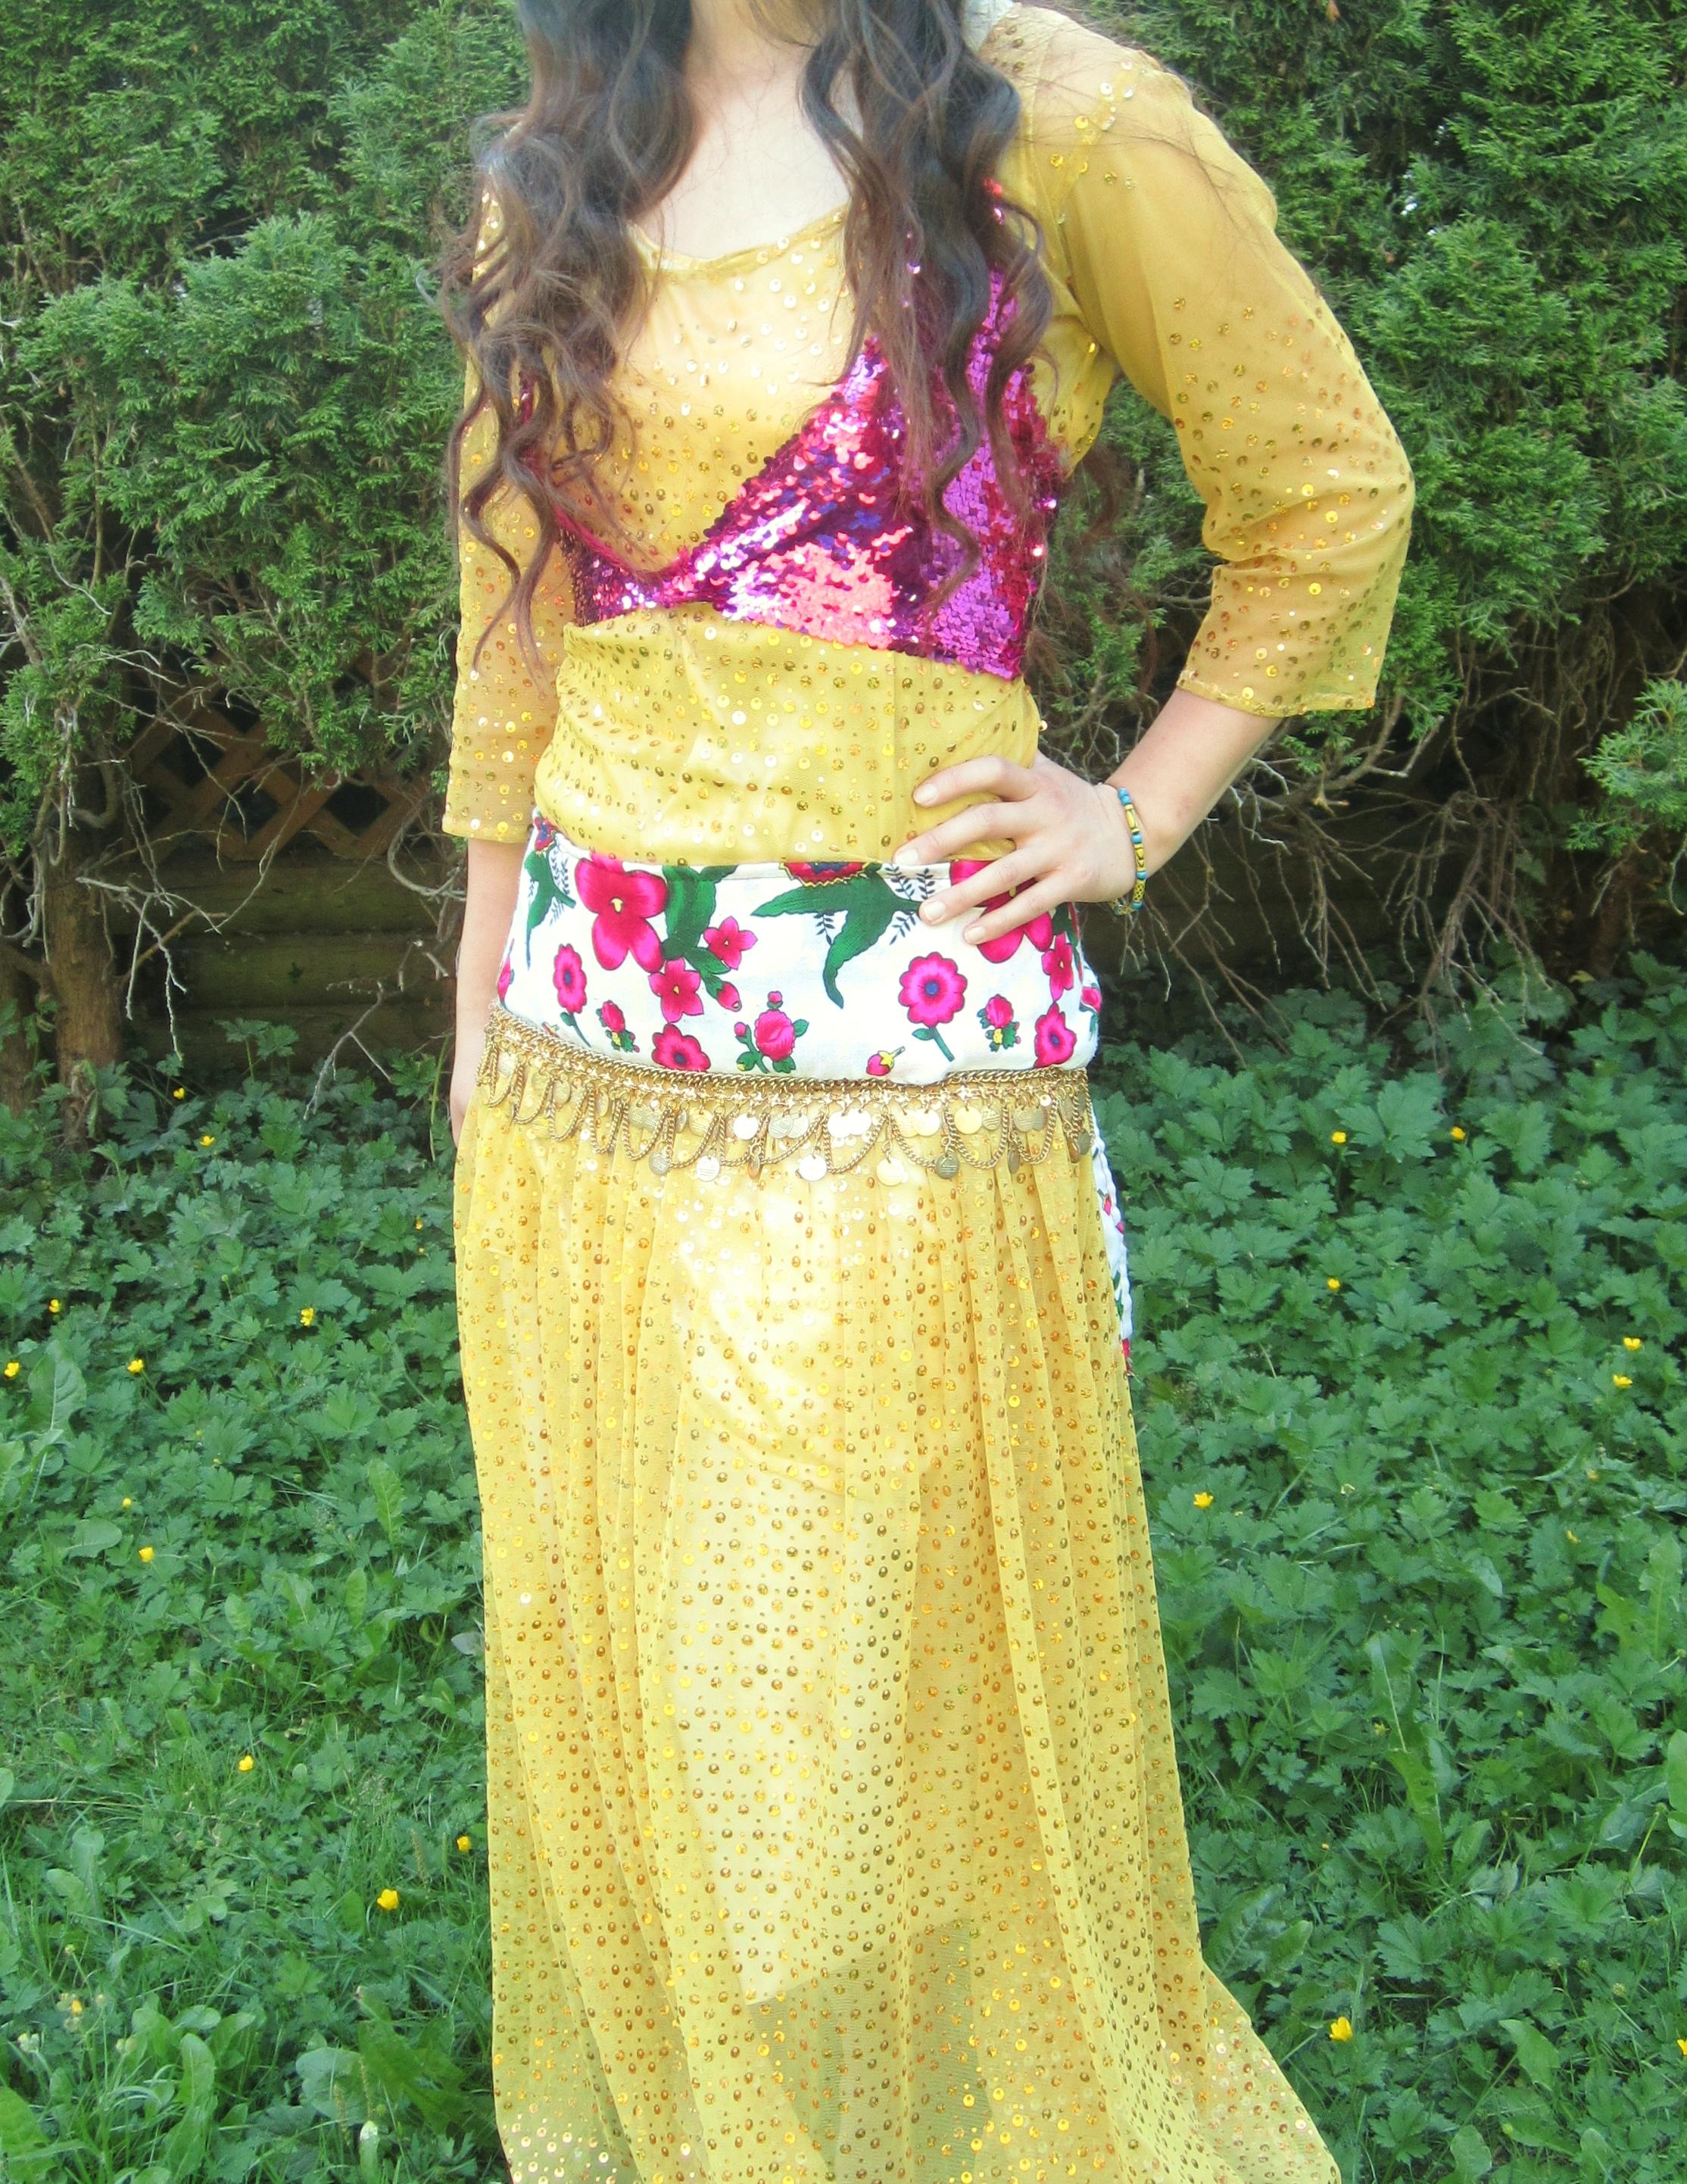 چهل مدل لباس کردی زیبا رنگ سبز ابی سفید مشکی قرمز زرد کرم با جلیقه عکس مدل لباس کردی زنانه رنگ...